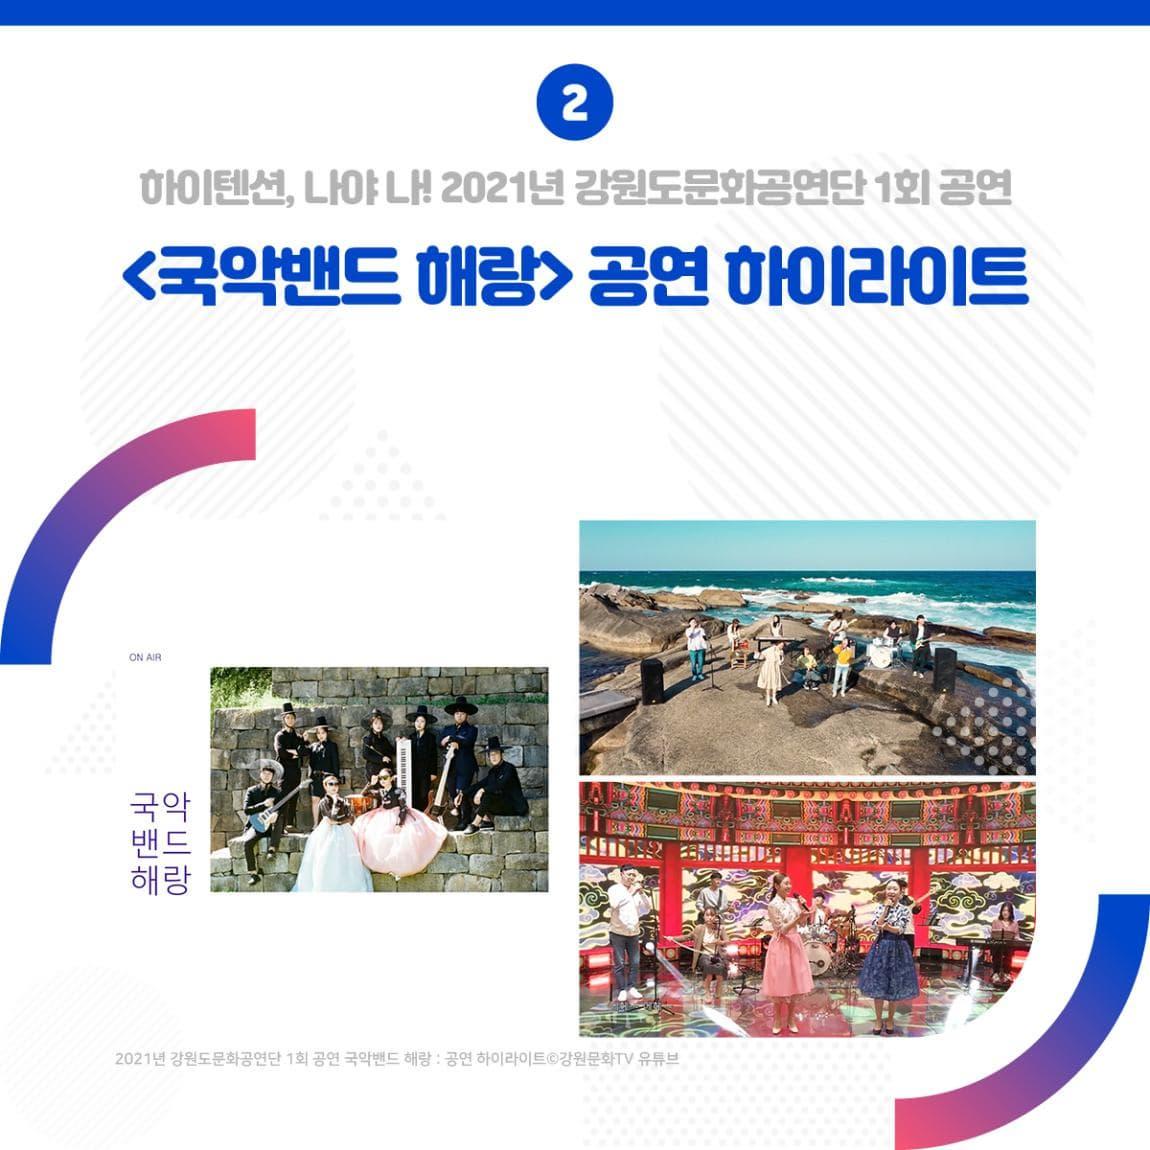 하이텐션, 나야 나! 2021년 강원도문화공연단 1회 공연 <국악밴드 해랑> 공연 하이라이트